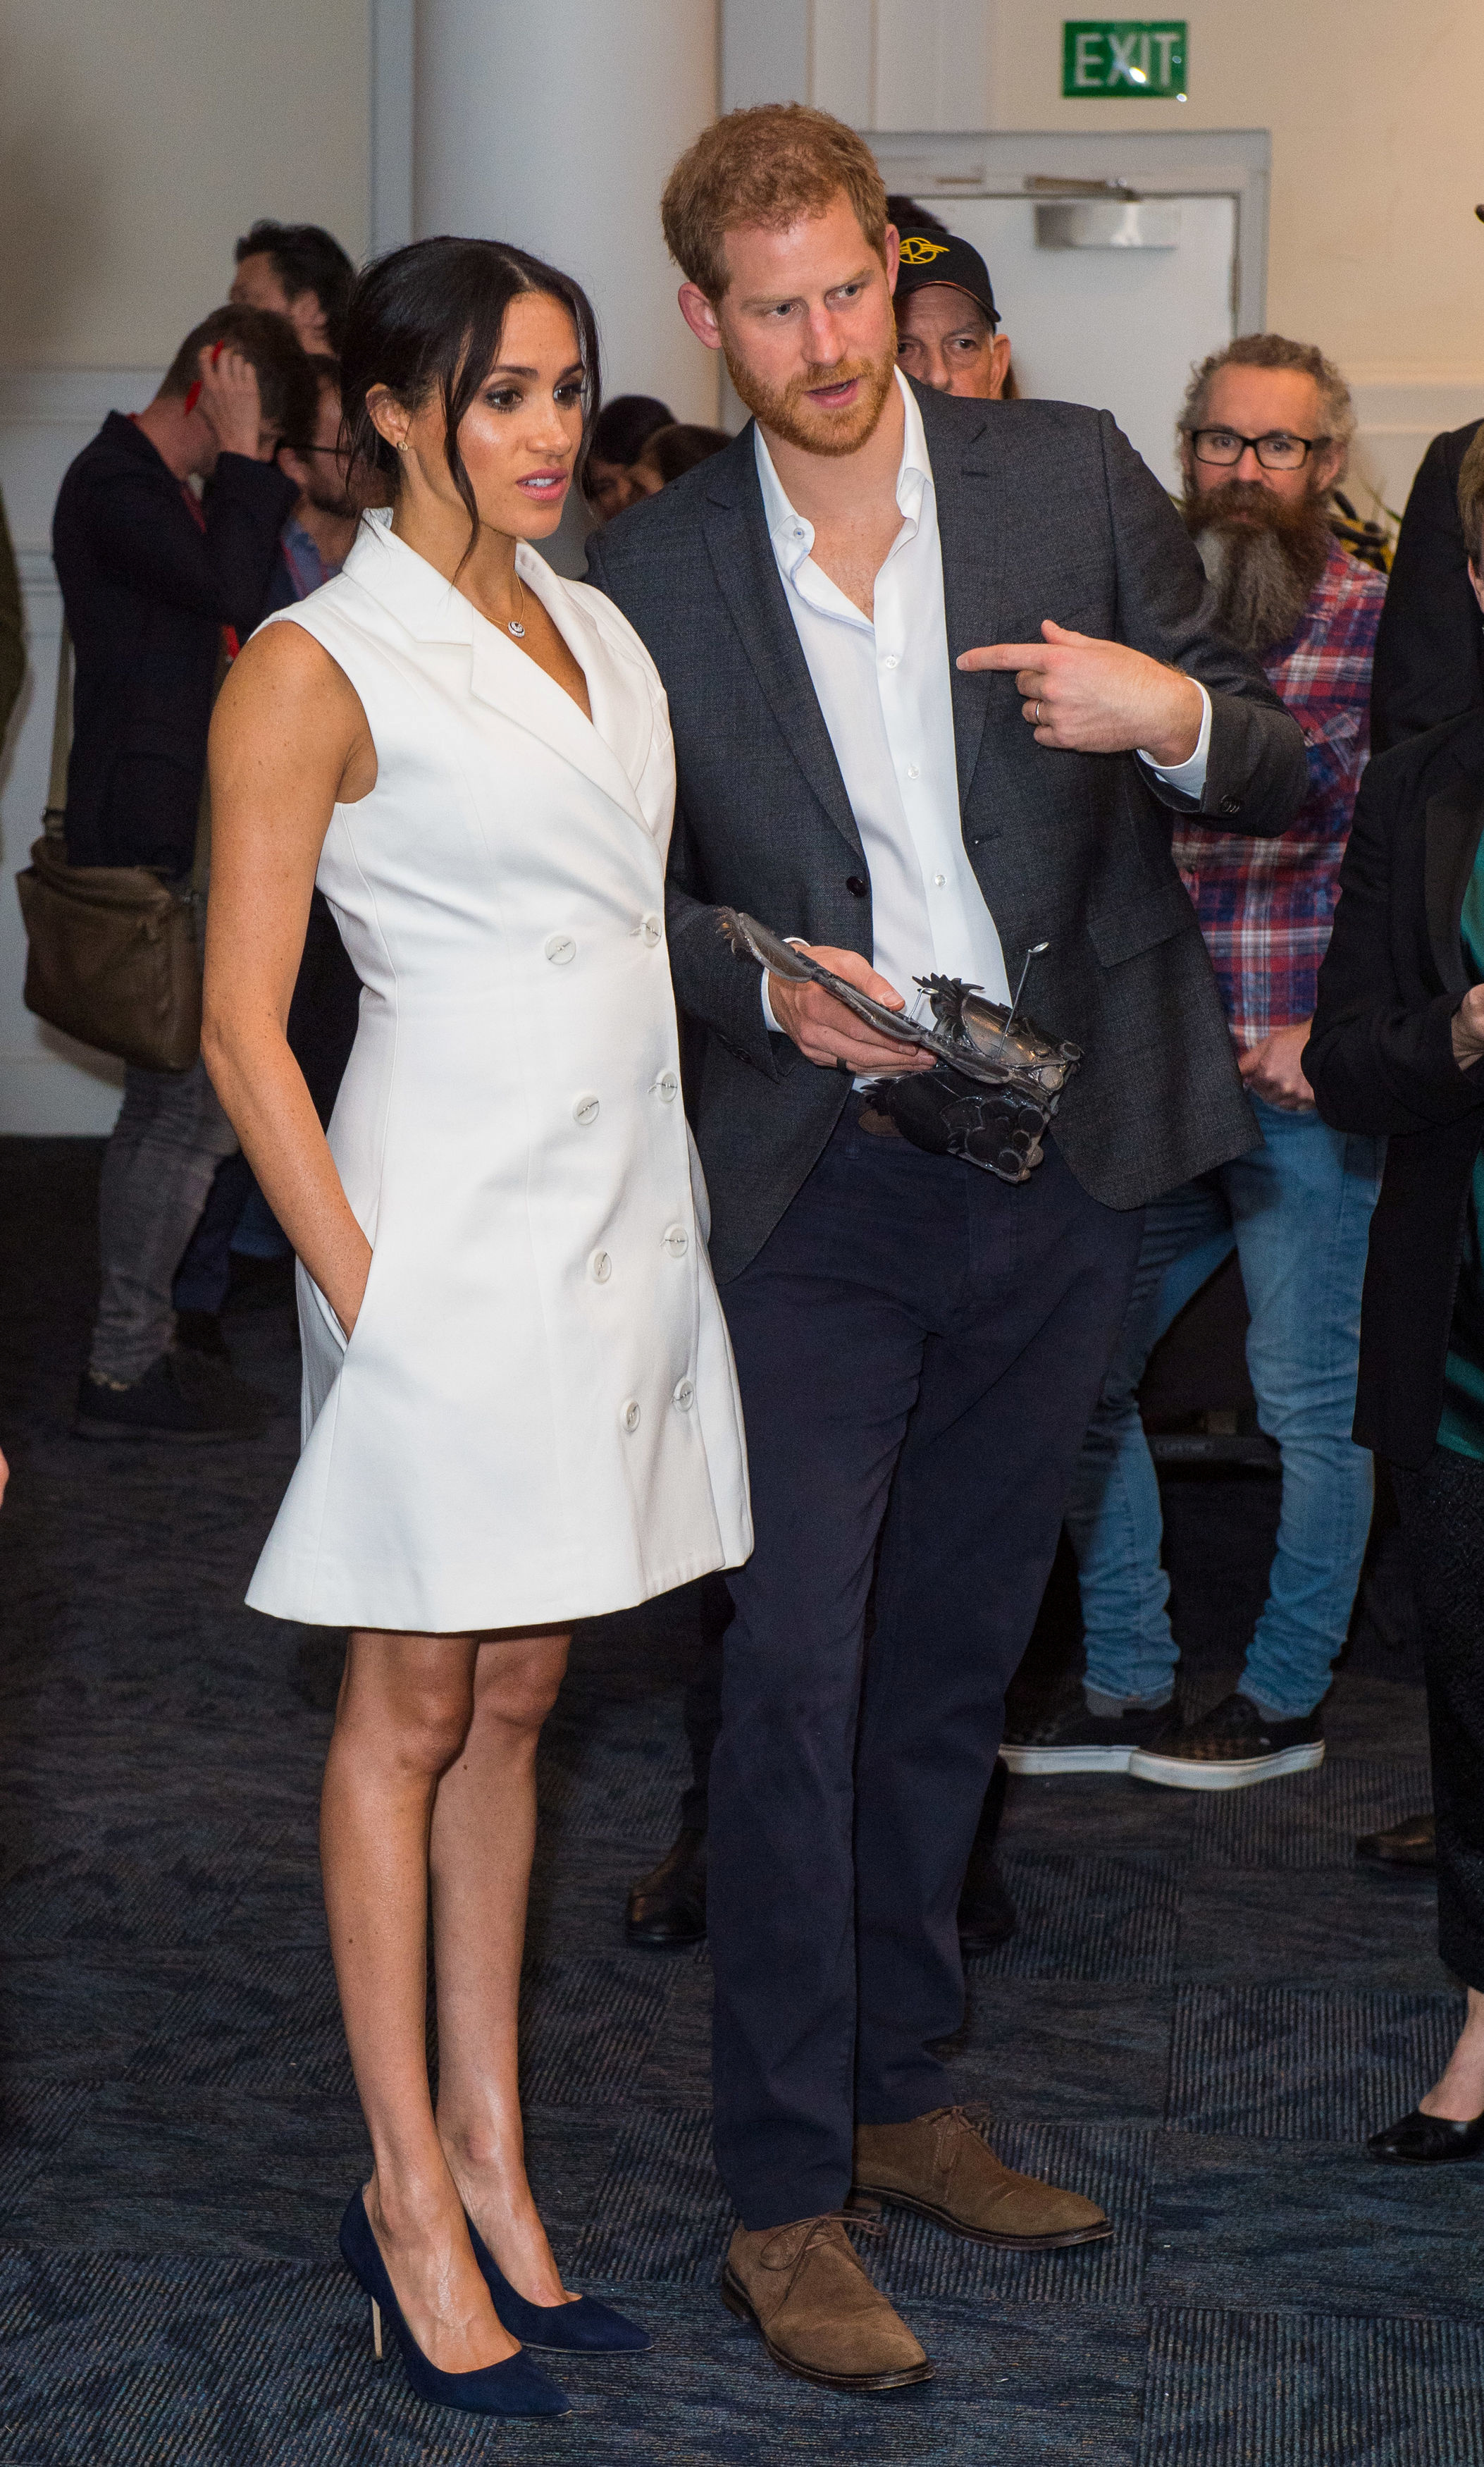 W sieci pojawiło się zdjęcie Meghan i Harry'ego. TO NIE miało wyjść na JAW!